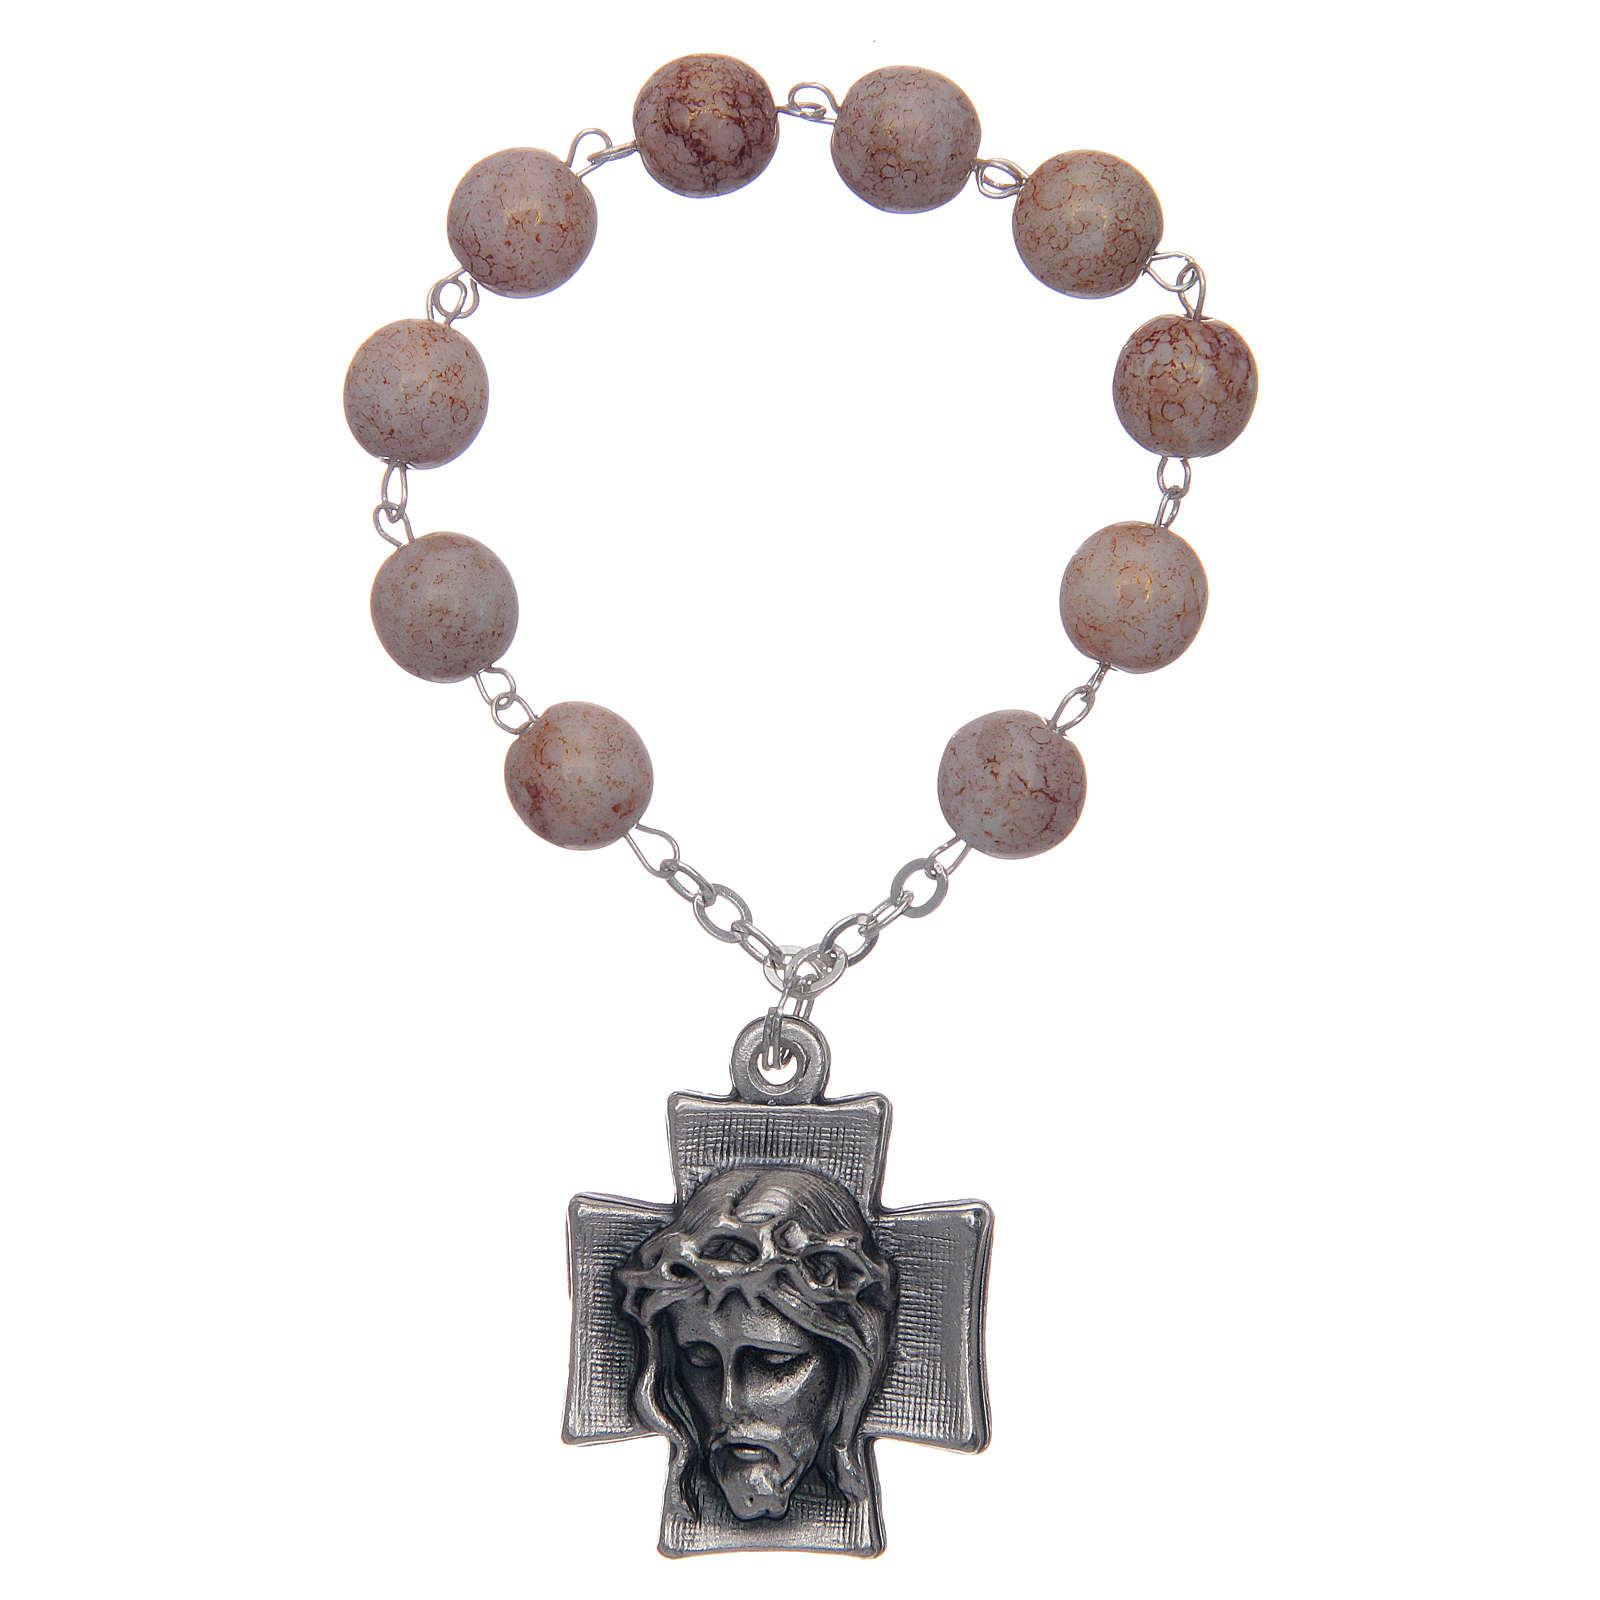 Decade rosary, imitation stone beads 4